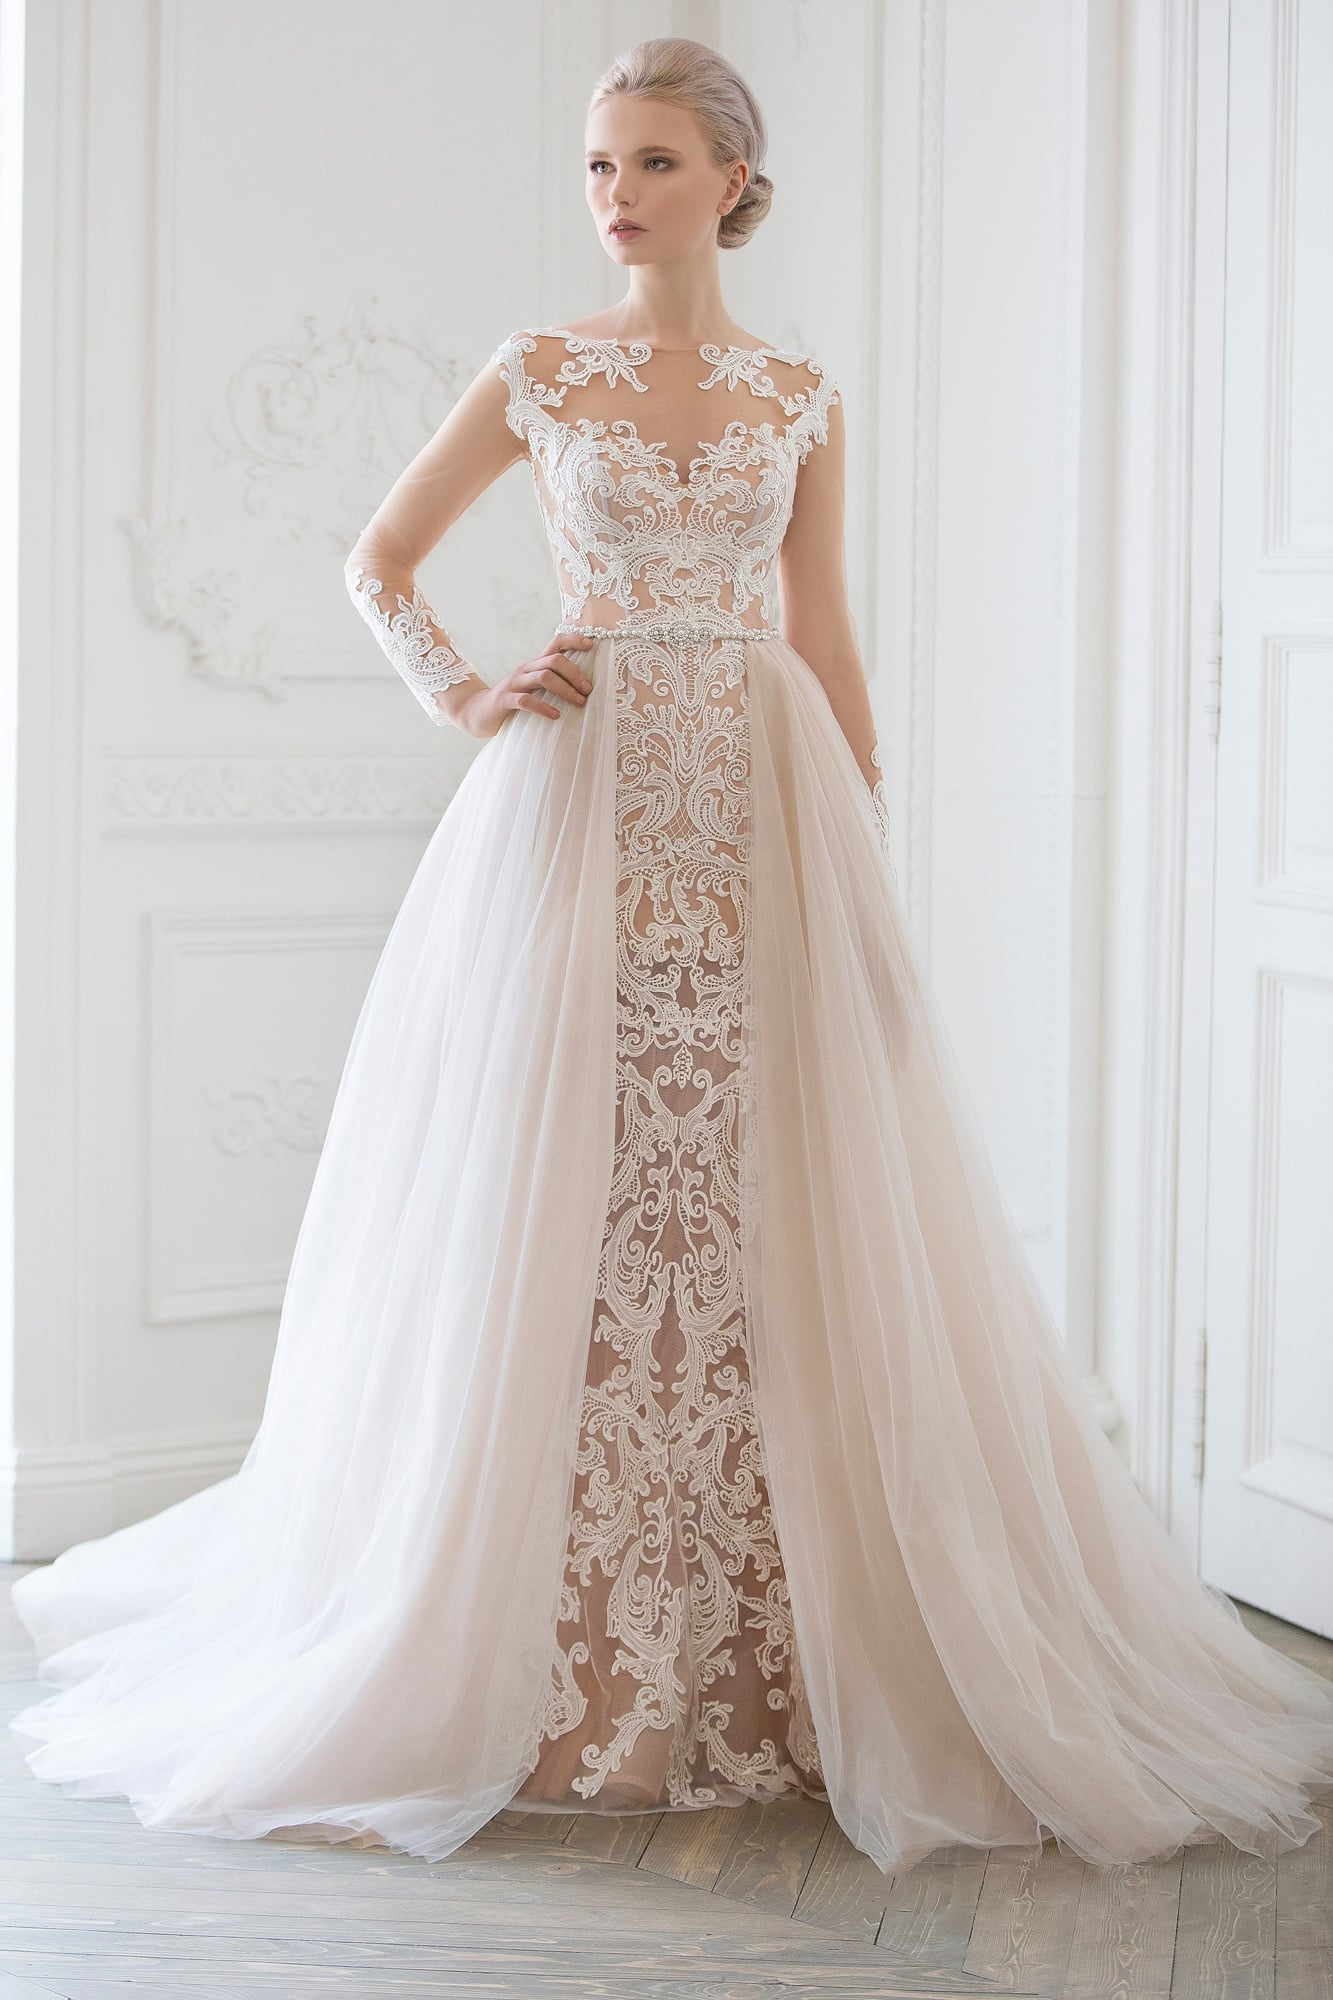 d7dedbf8c3ce00 Потрясающее свадебное платье-трансформер с объемной верхней юбкой и бежевой  подкладкой.